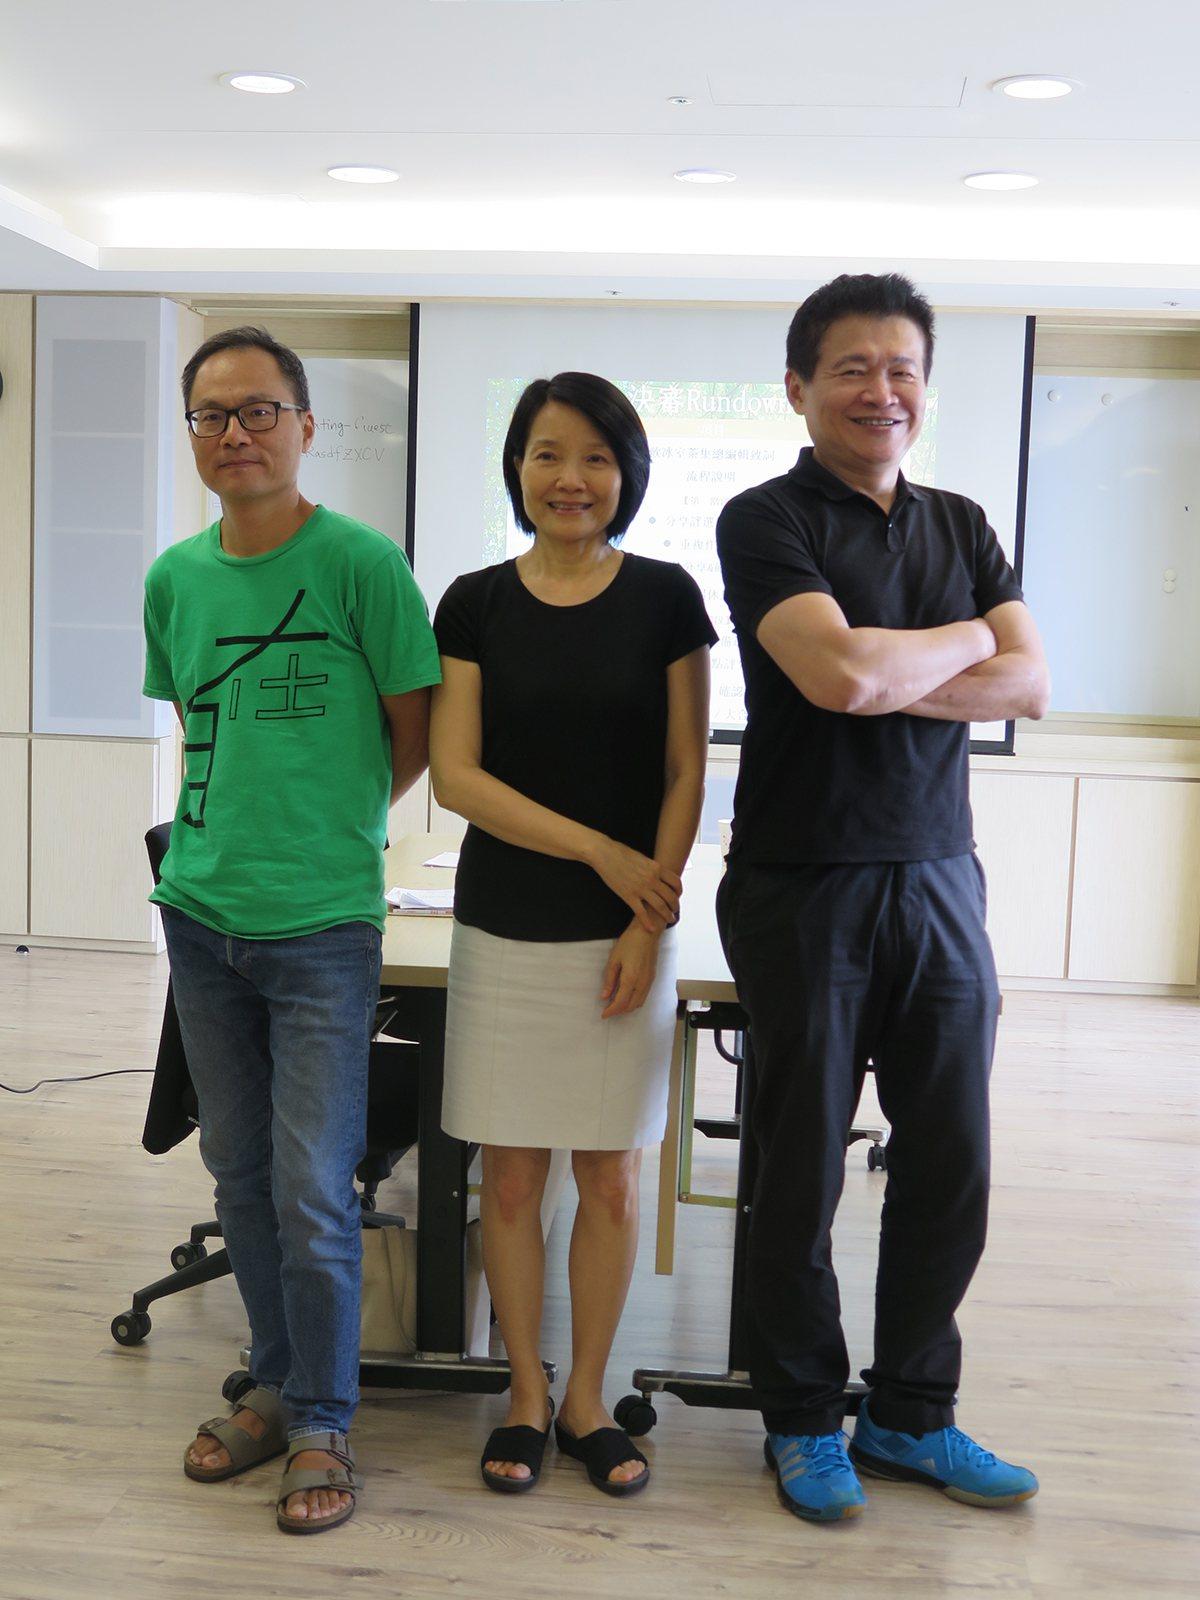 決審詩人鴻鴻、陳育虹、羅智成(由左至右) 攝影/溫振傑